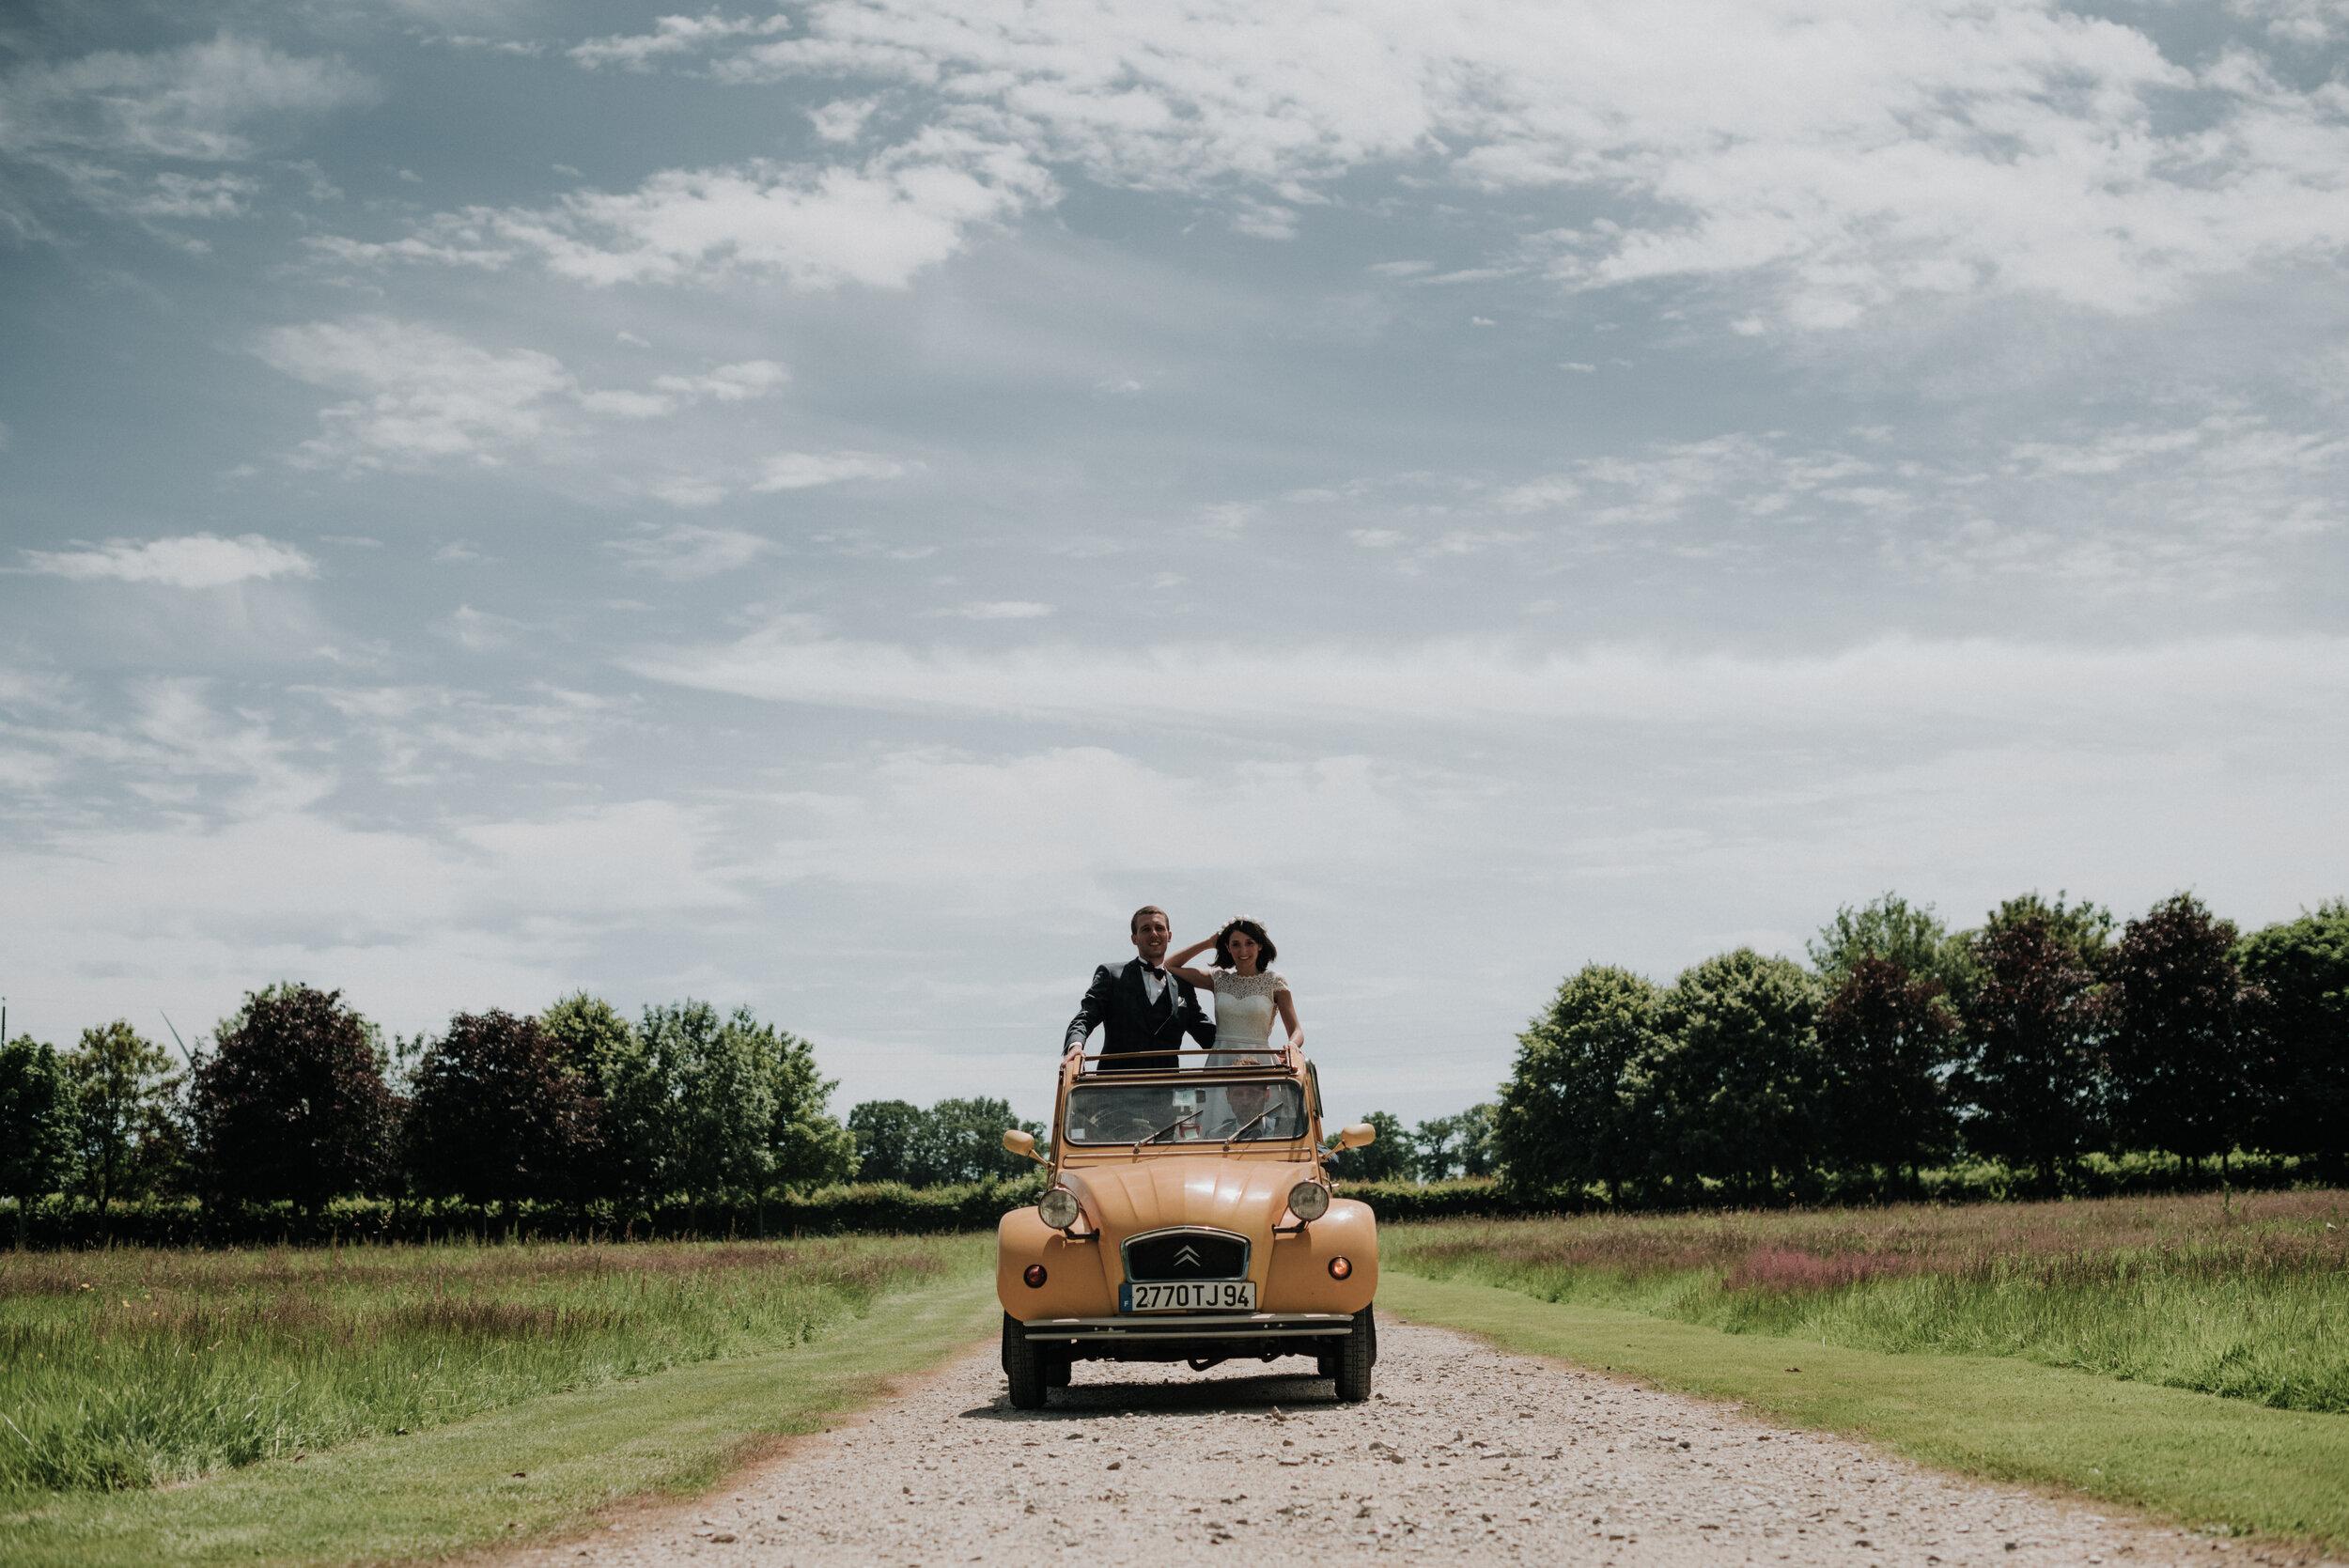 Léa-Fery-photographe-professionnel-lyon-rhone-alpes-portrait-creation-mariage-evenement-evenementiel-famille-5118.jpg